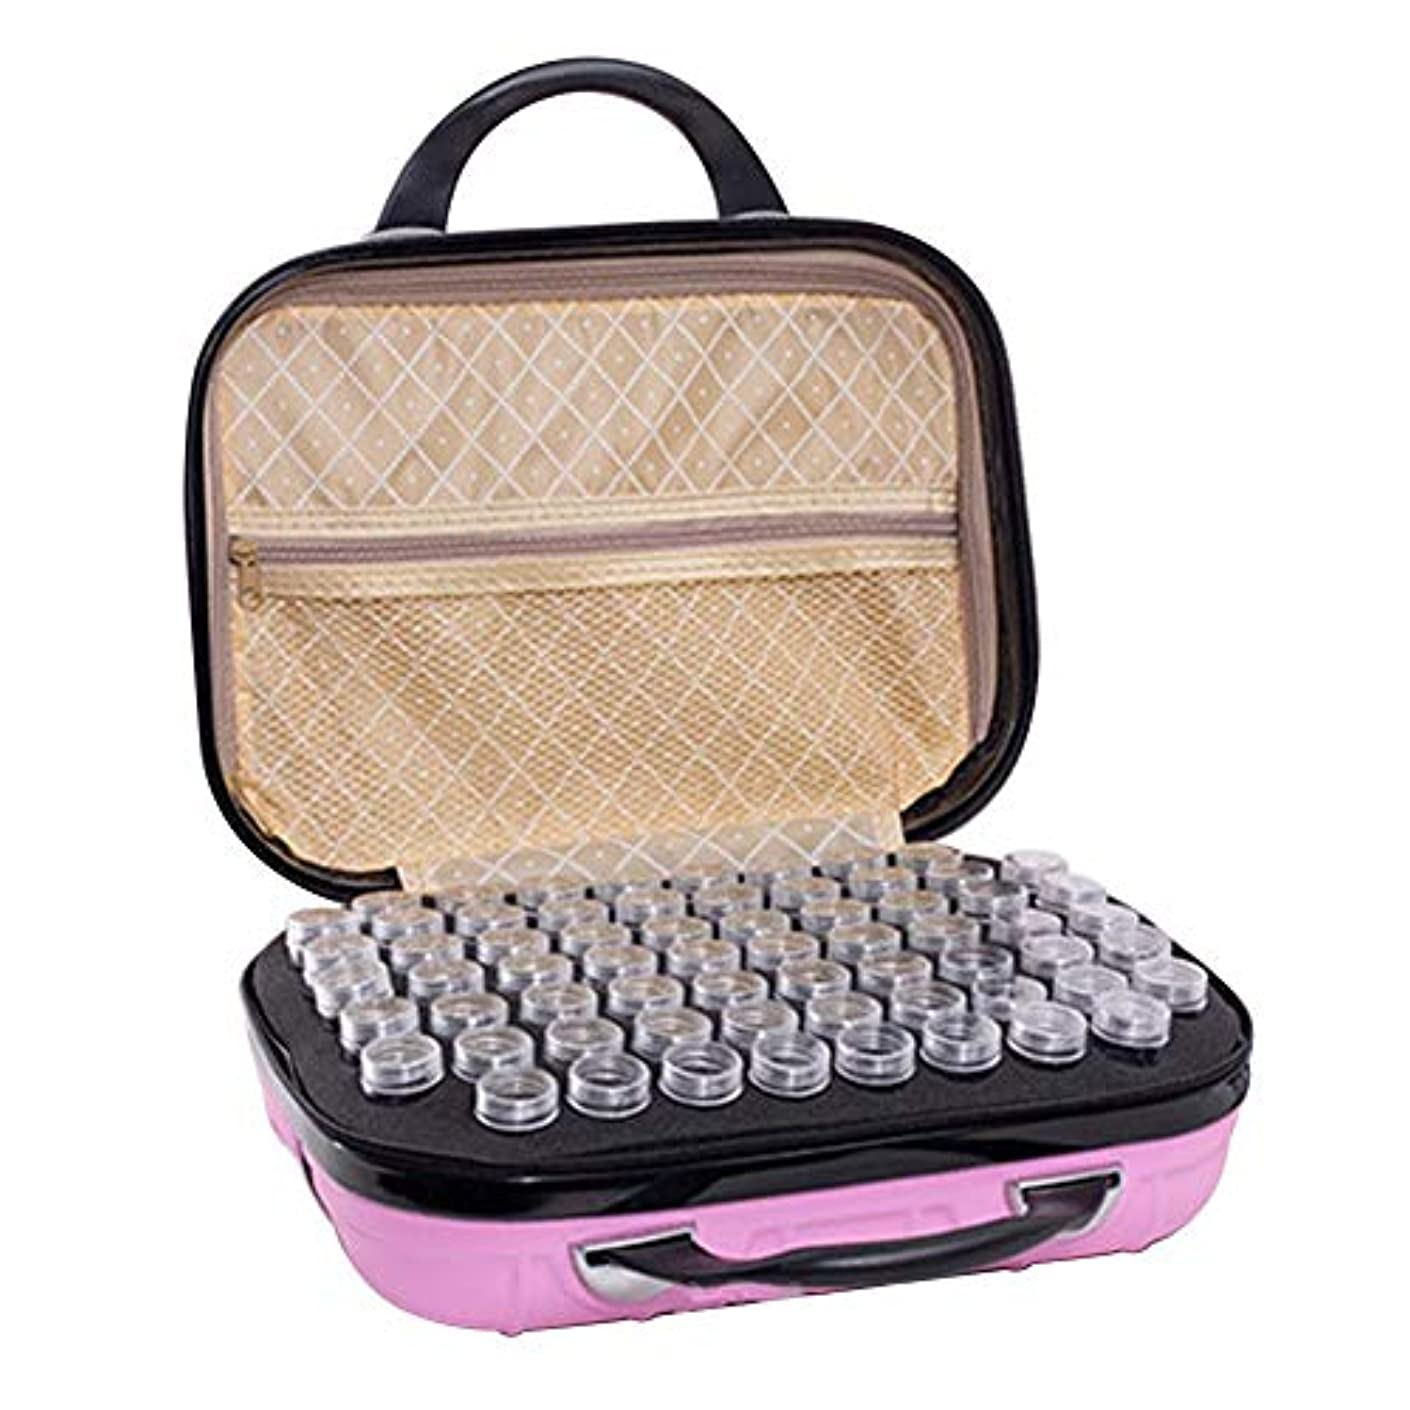 検出単調な退化する精油収納ボックス エッセンシャルオイルケース 携帯用 香水収納バッグ アロマケース 精油ケース 大容量 傷防止 耐衝撃 アロマセラピストポーチ エッセンシャルオイル収納ボックス